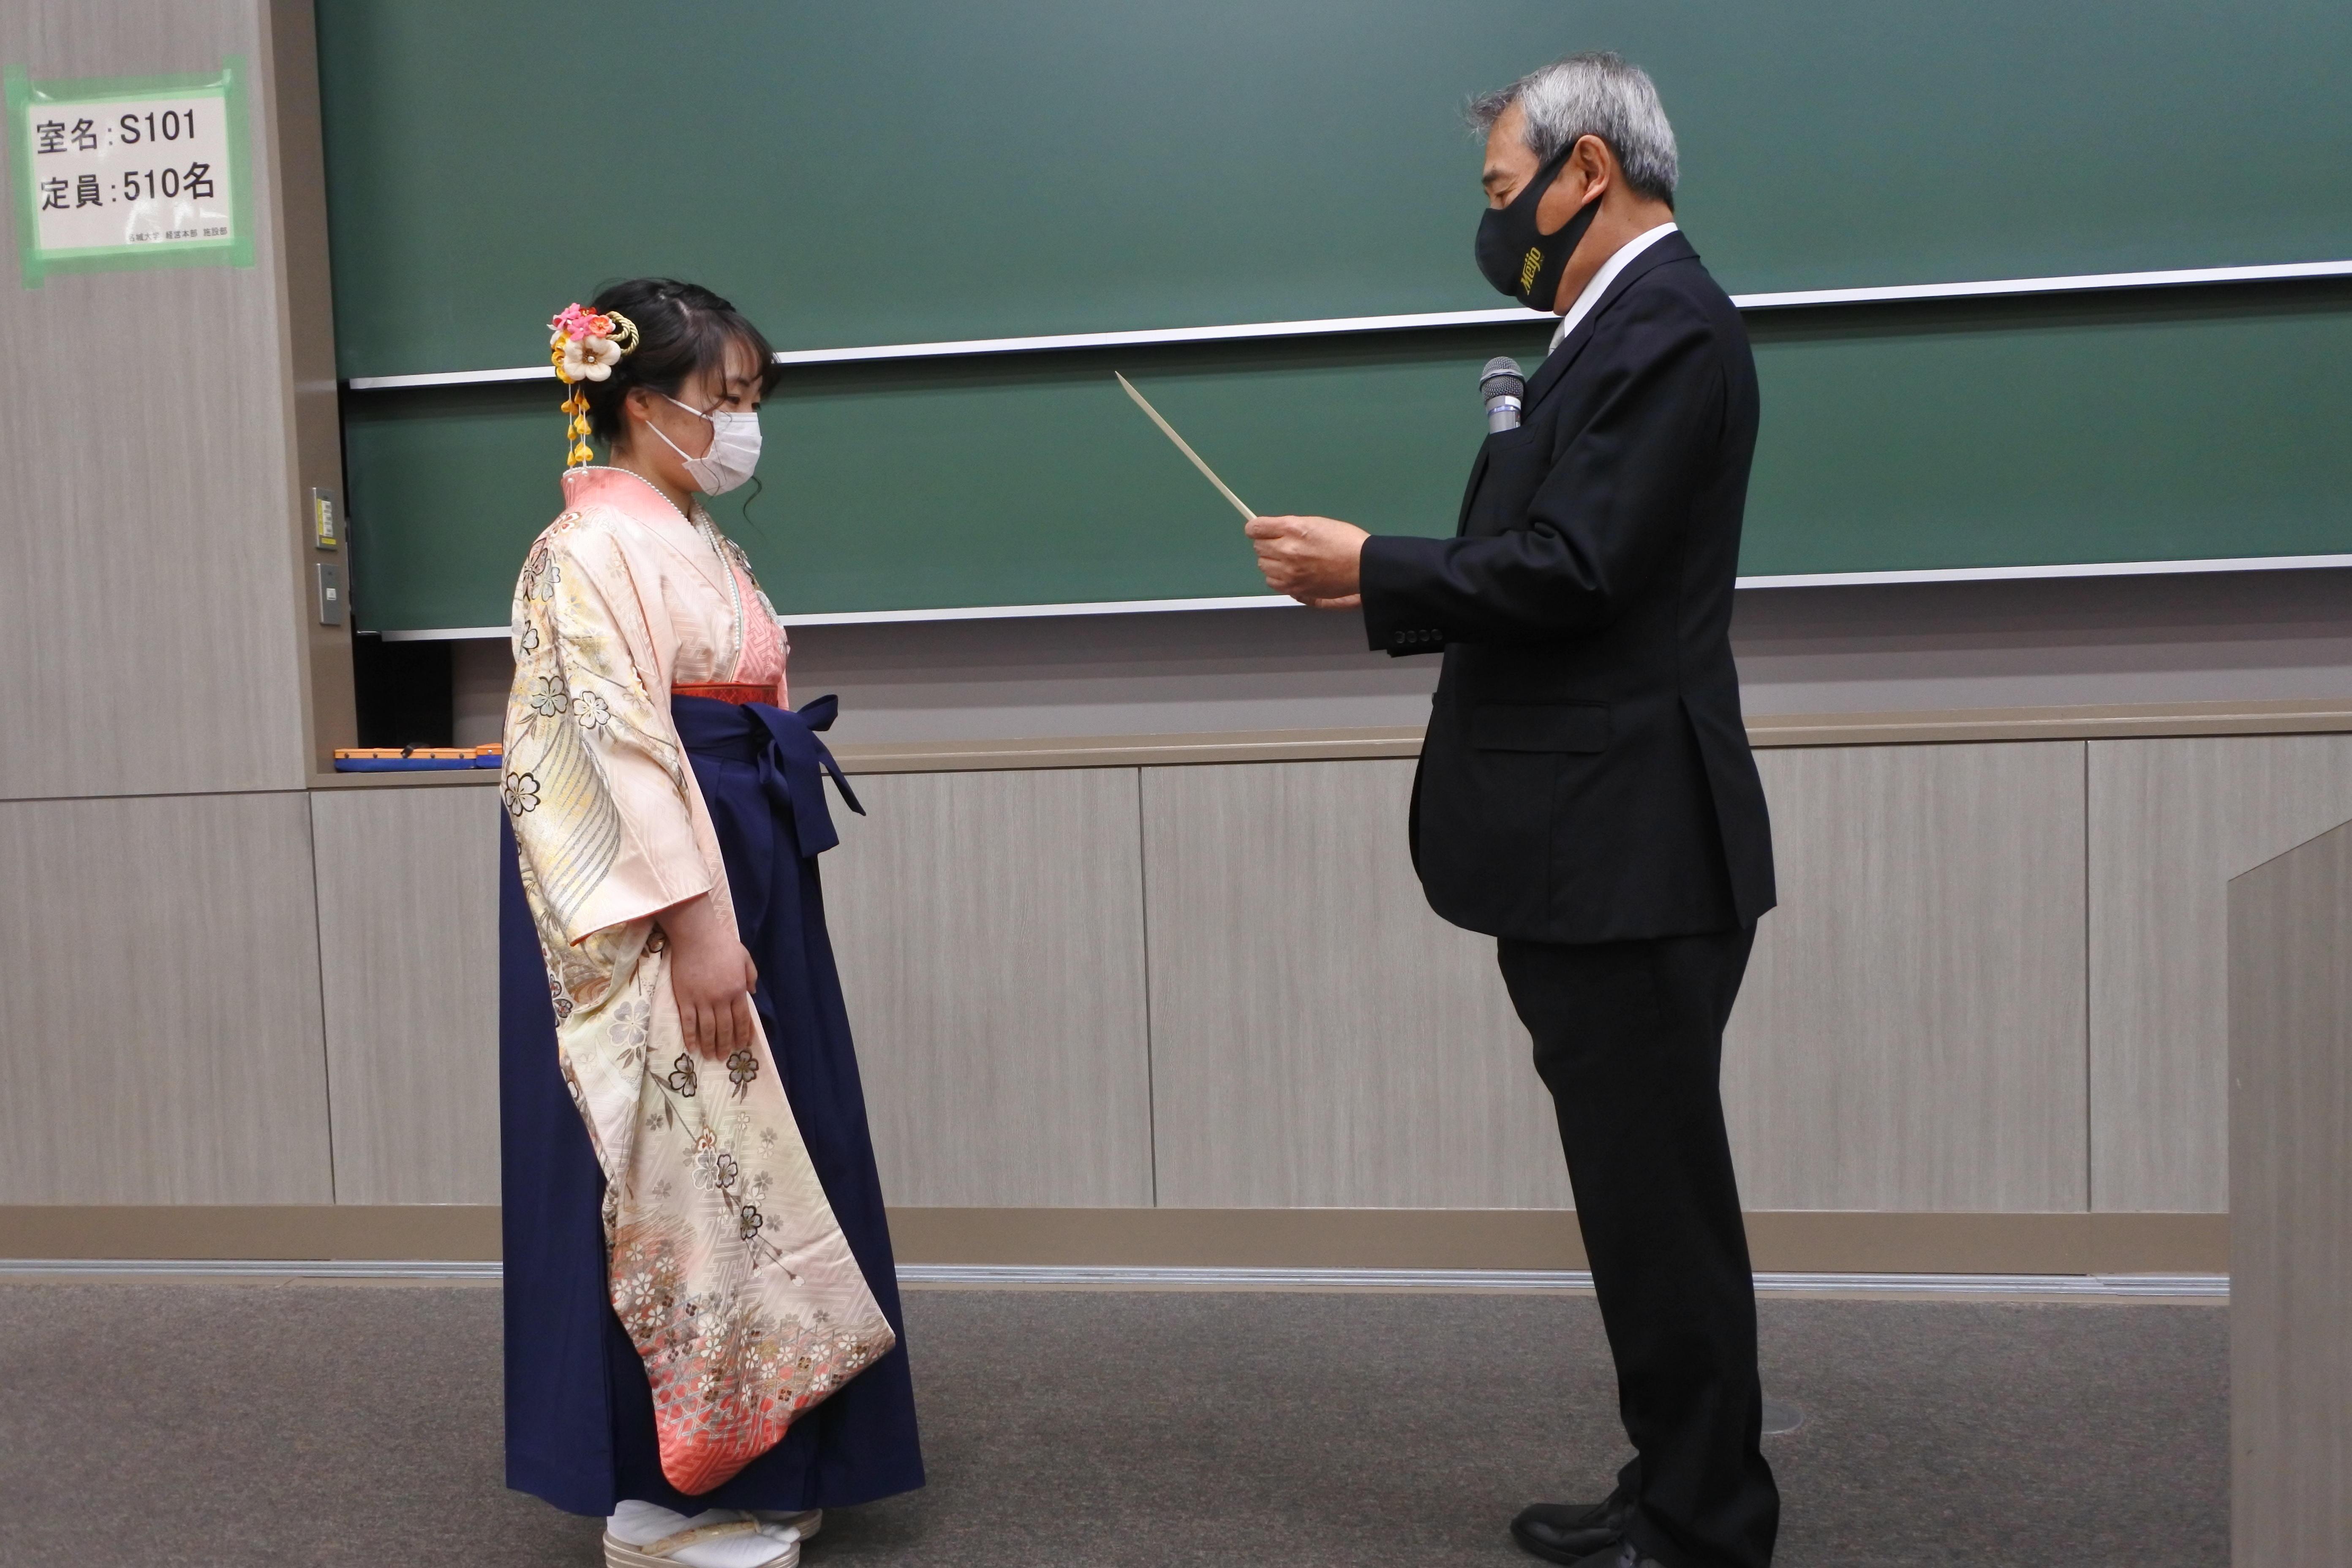 理工学部交通機械工学科を卒業し加鳥裕明学科長(右)から学位記を受け取る古川恵里奈さん